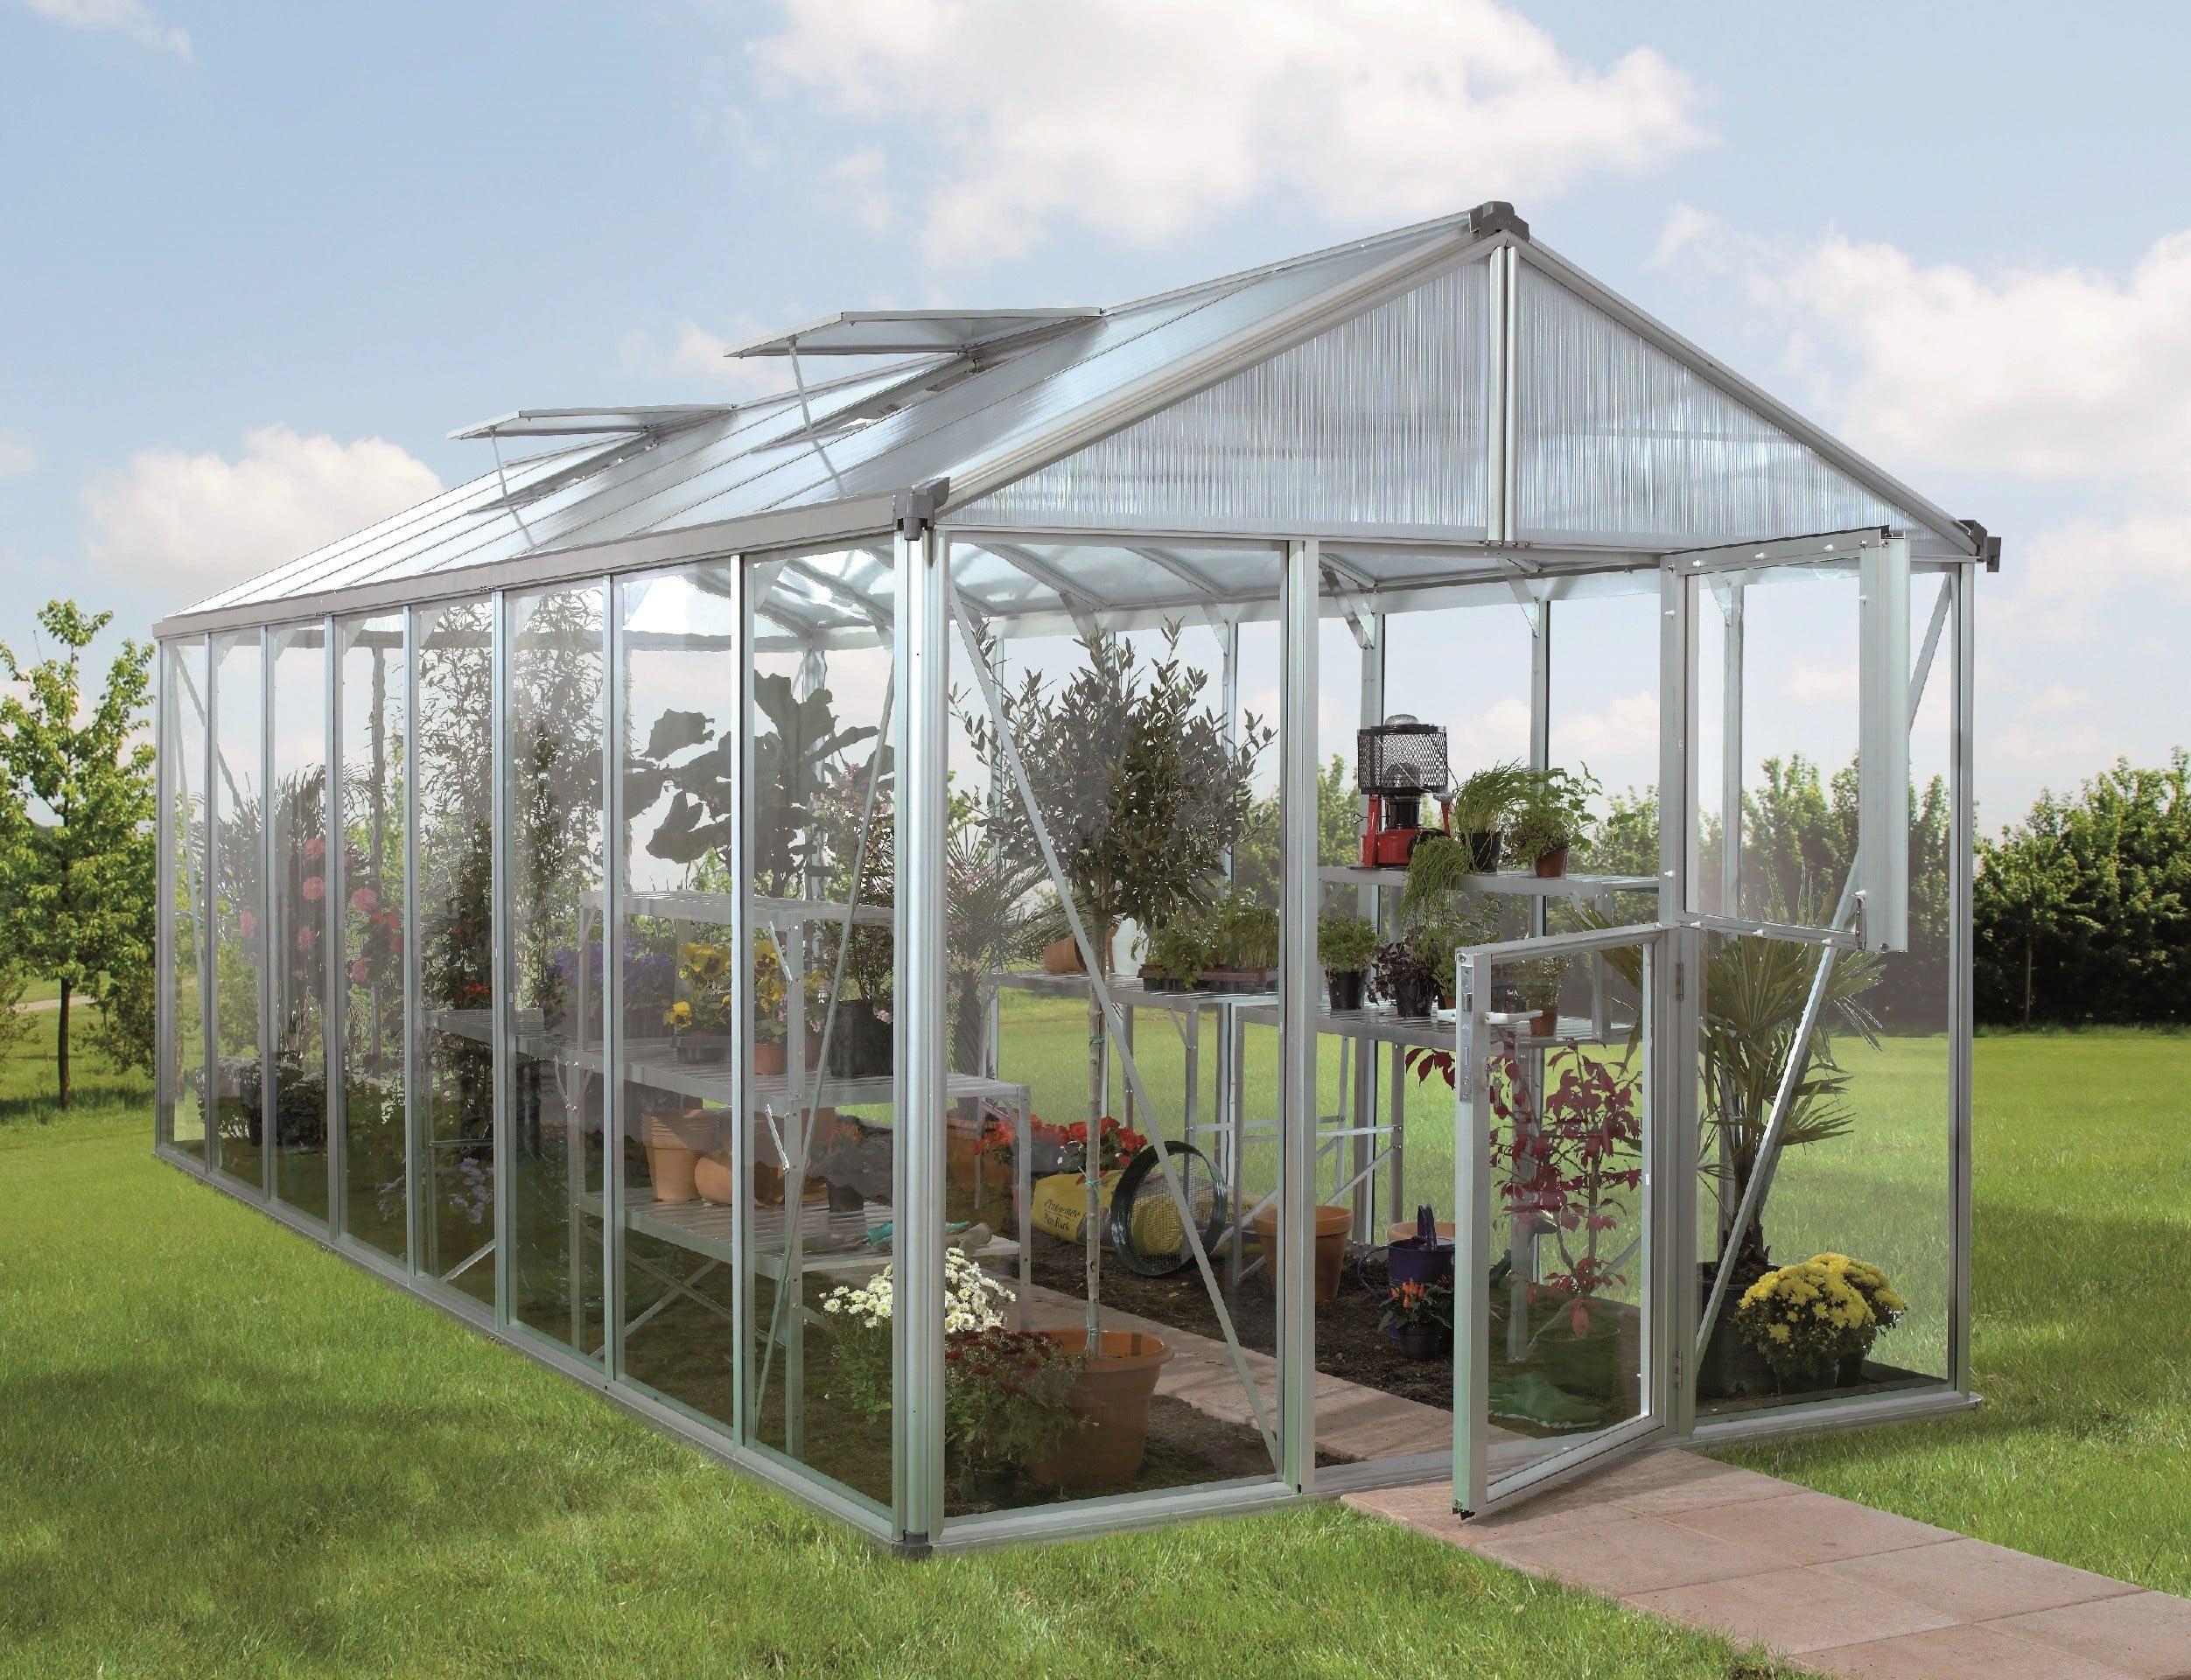 Zeus Greenhouse